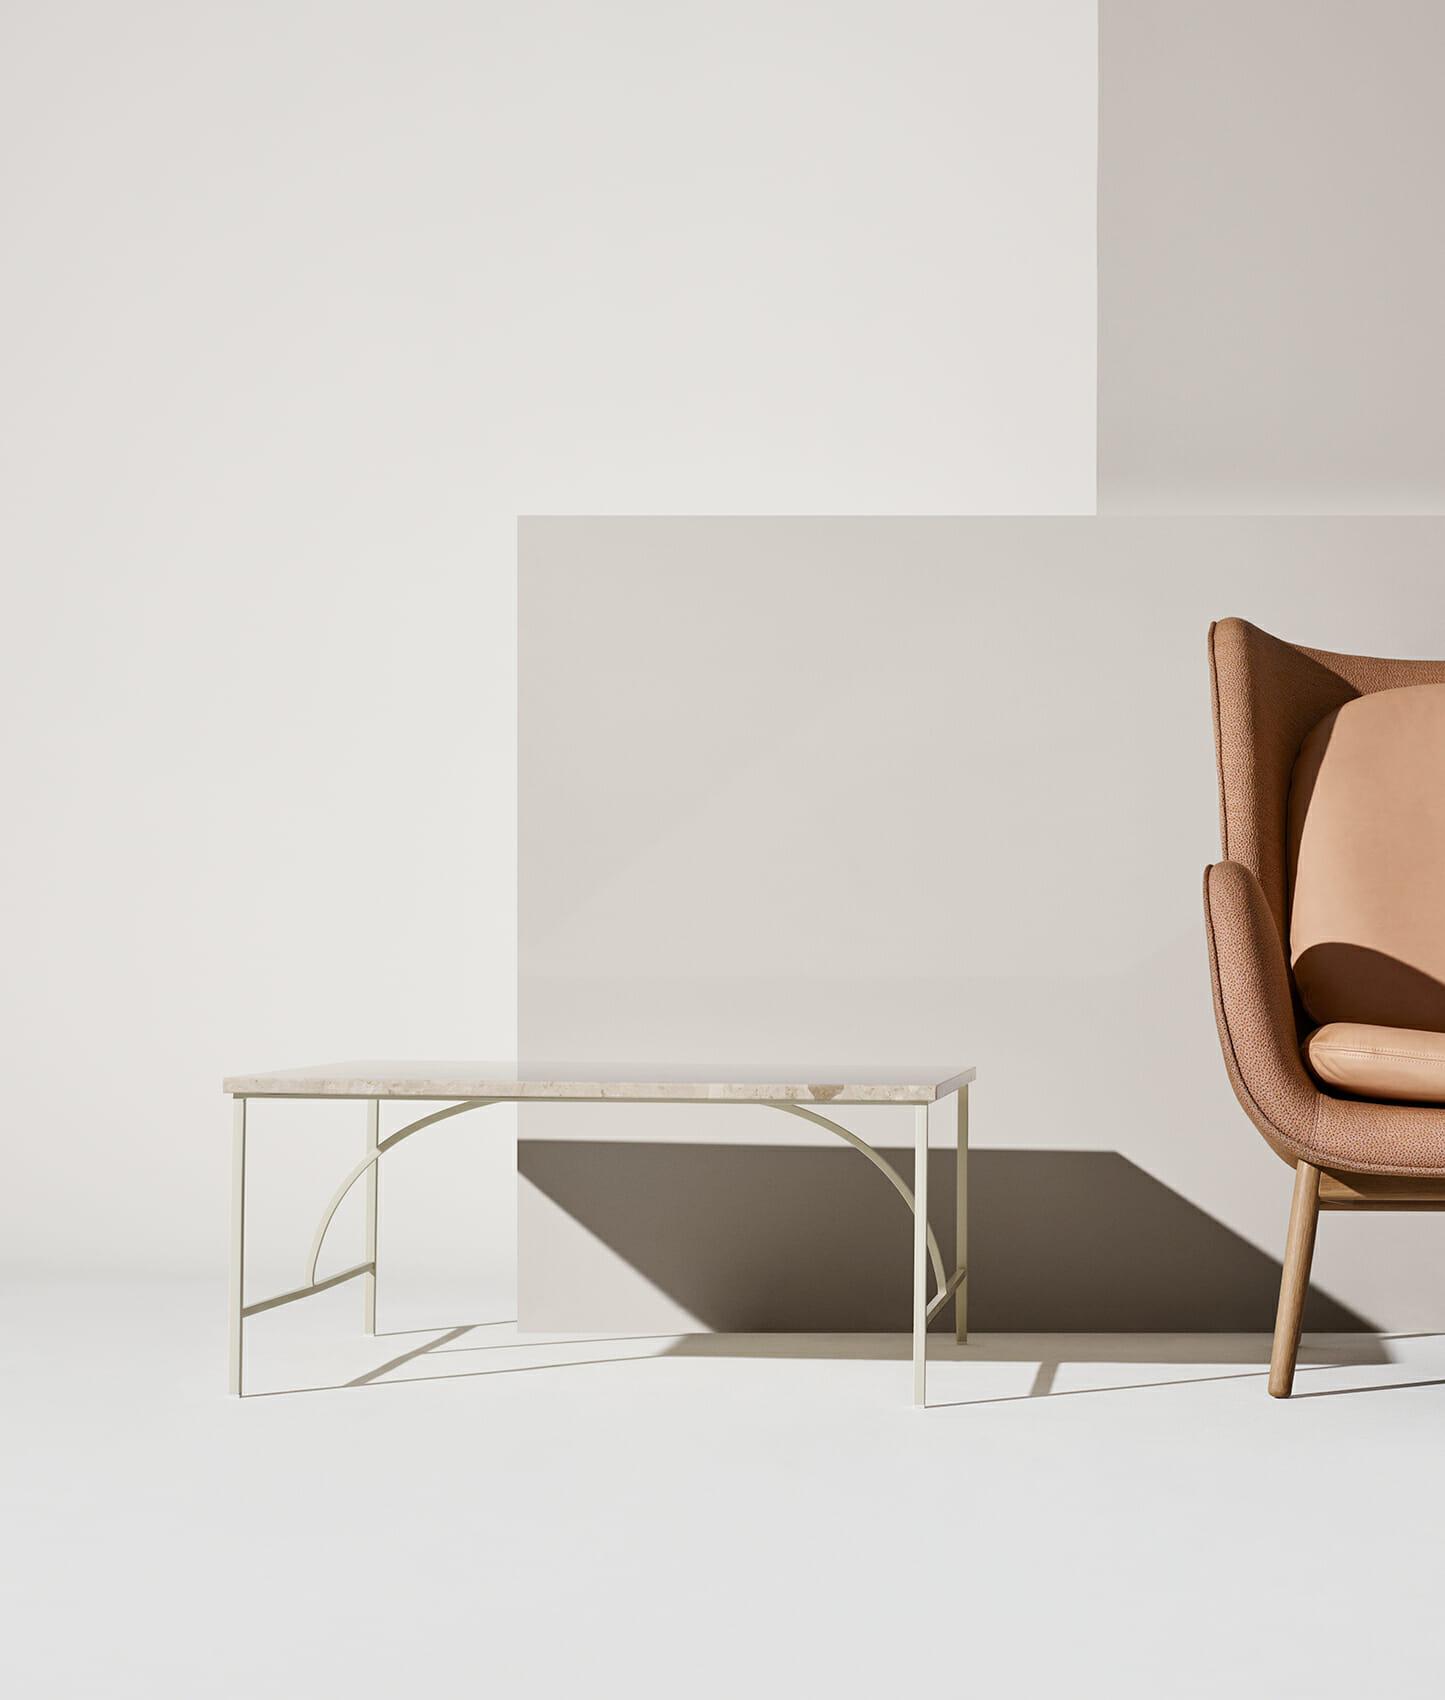 fogia-tabula-terrazzo-table-note-design-studio